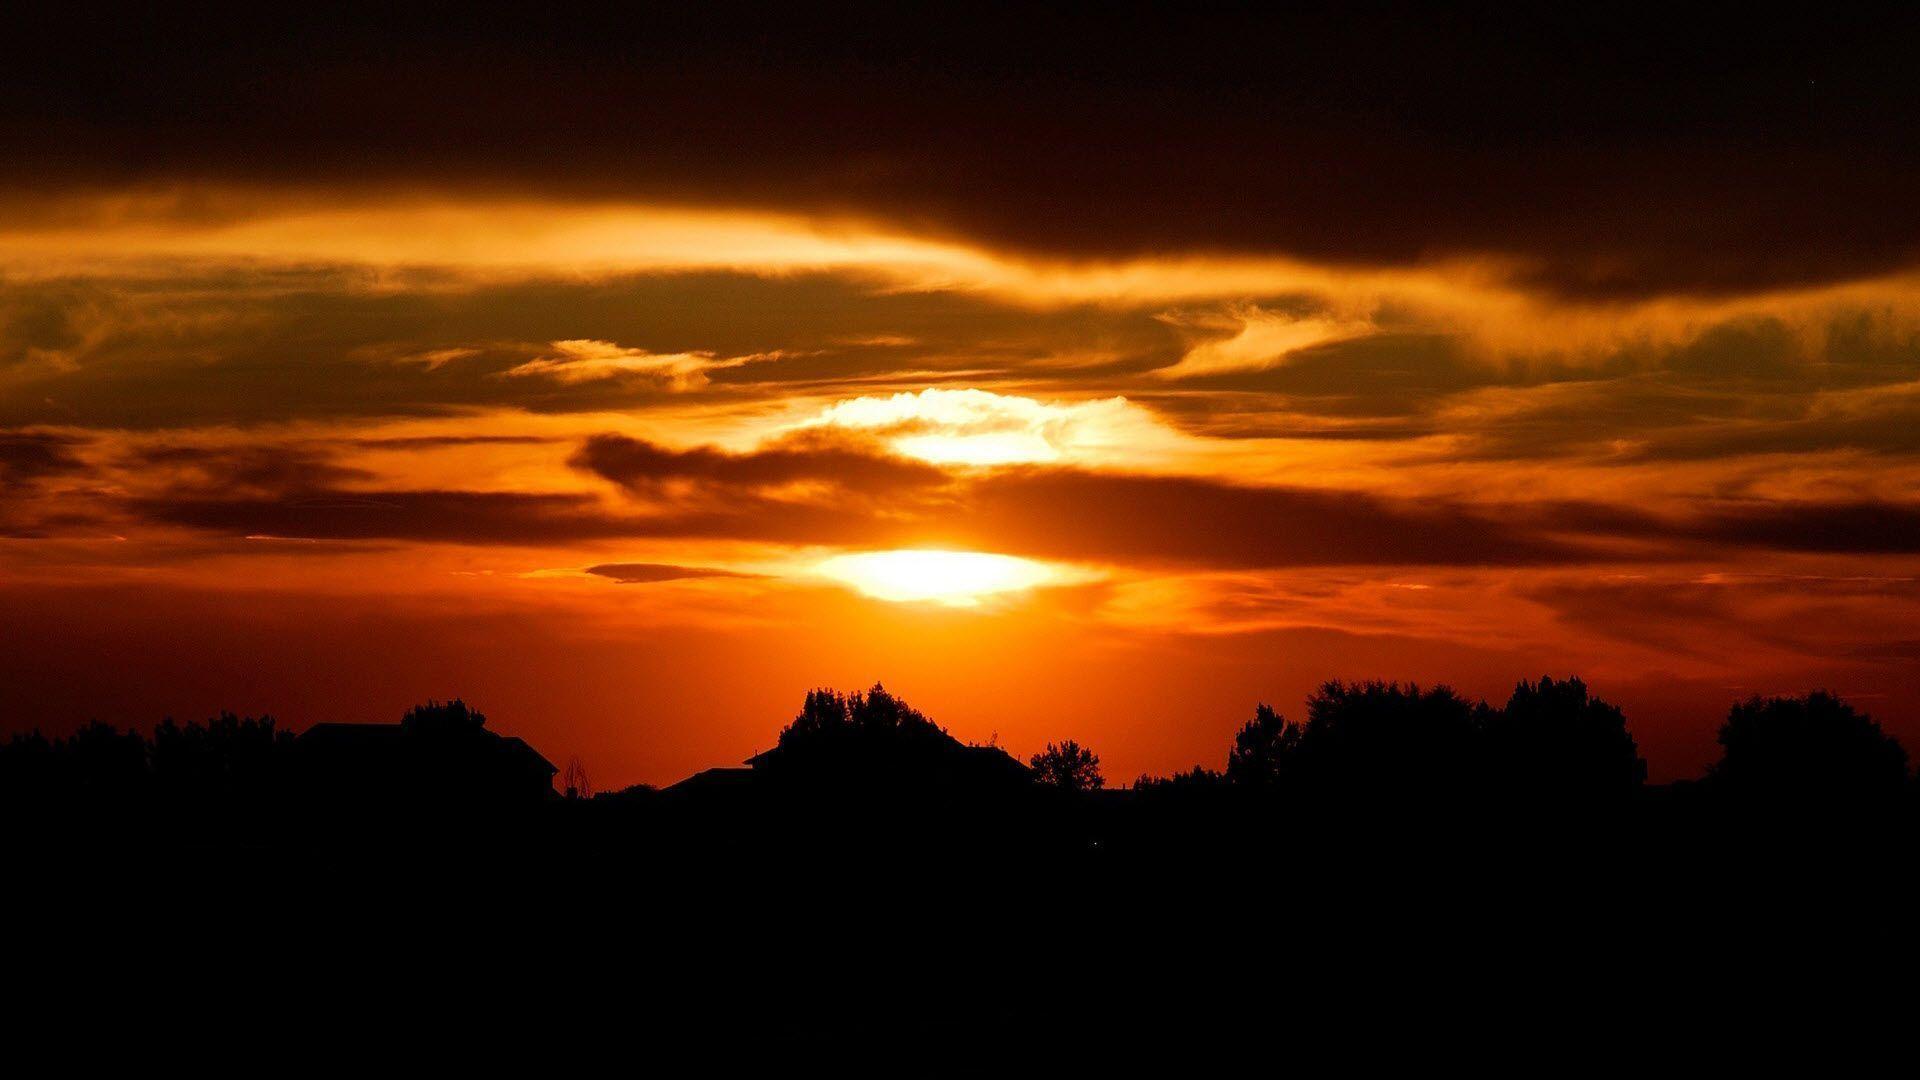 Pastel Sunset Hd Desktop Wallpaper Widescreen High Definition 1920 1080 Sunset Wallpaper Hd 39 Wallpapers Sunset Wallpaper Pastel Sunset Sunset Pictures